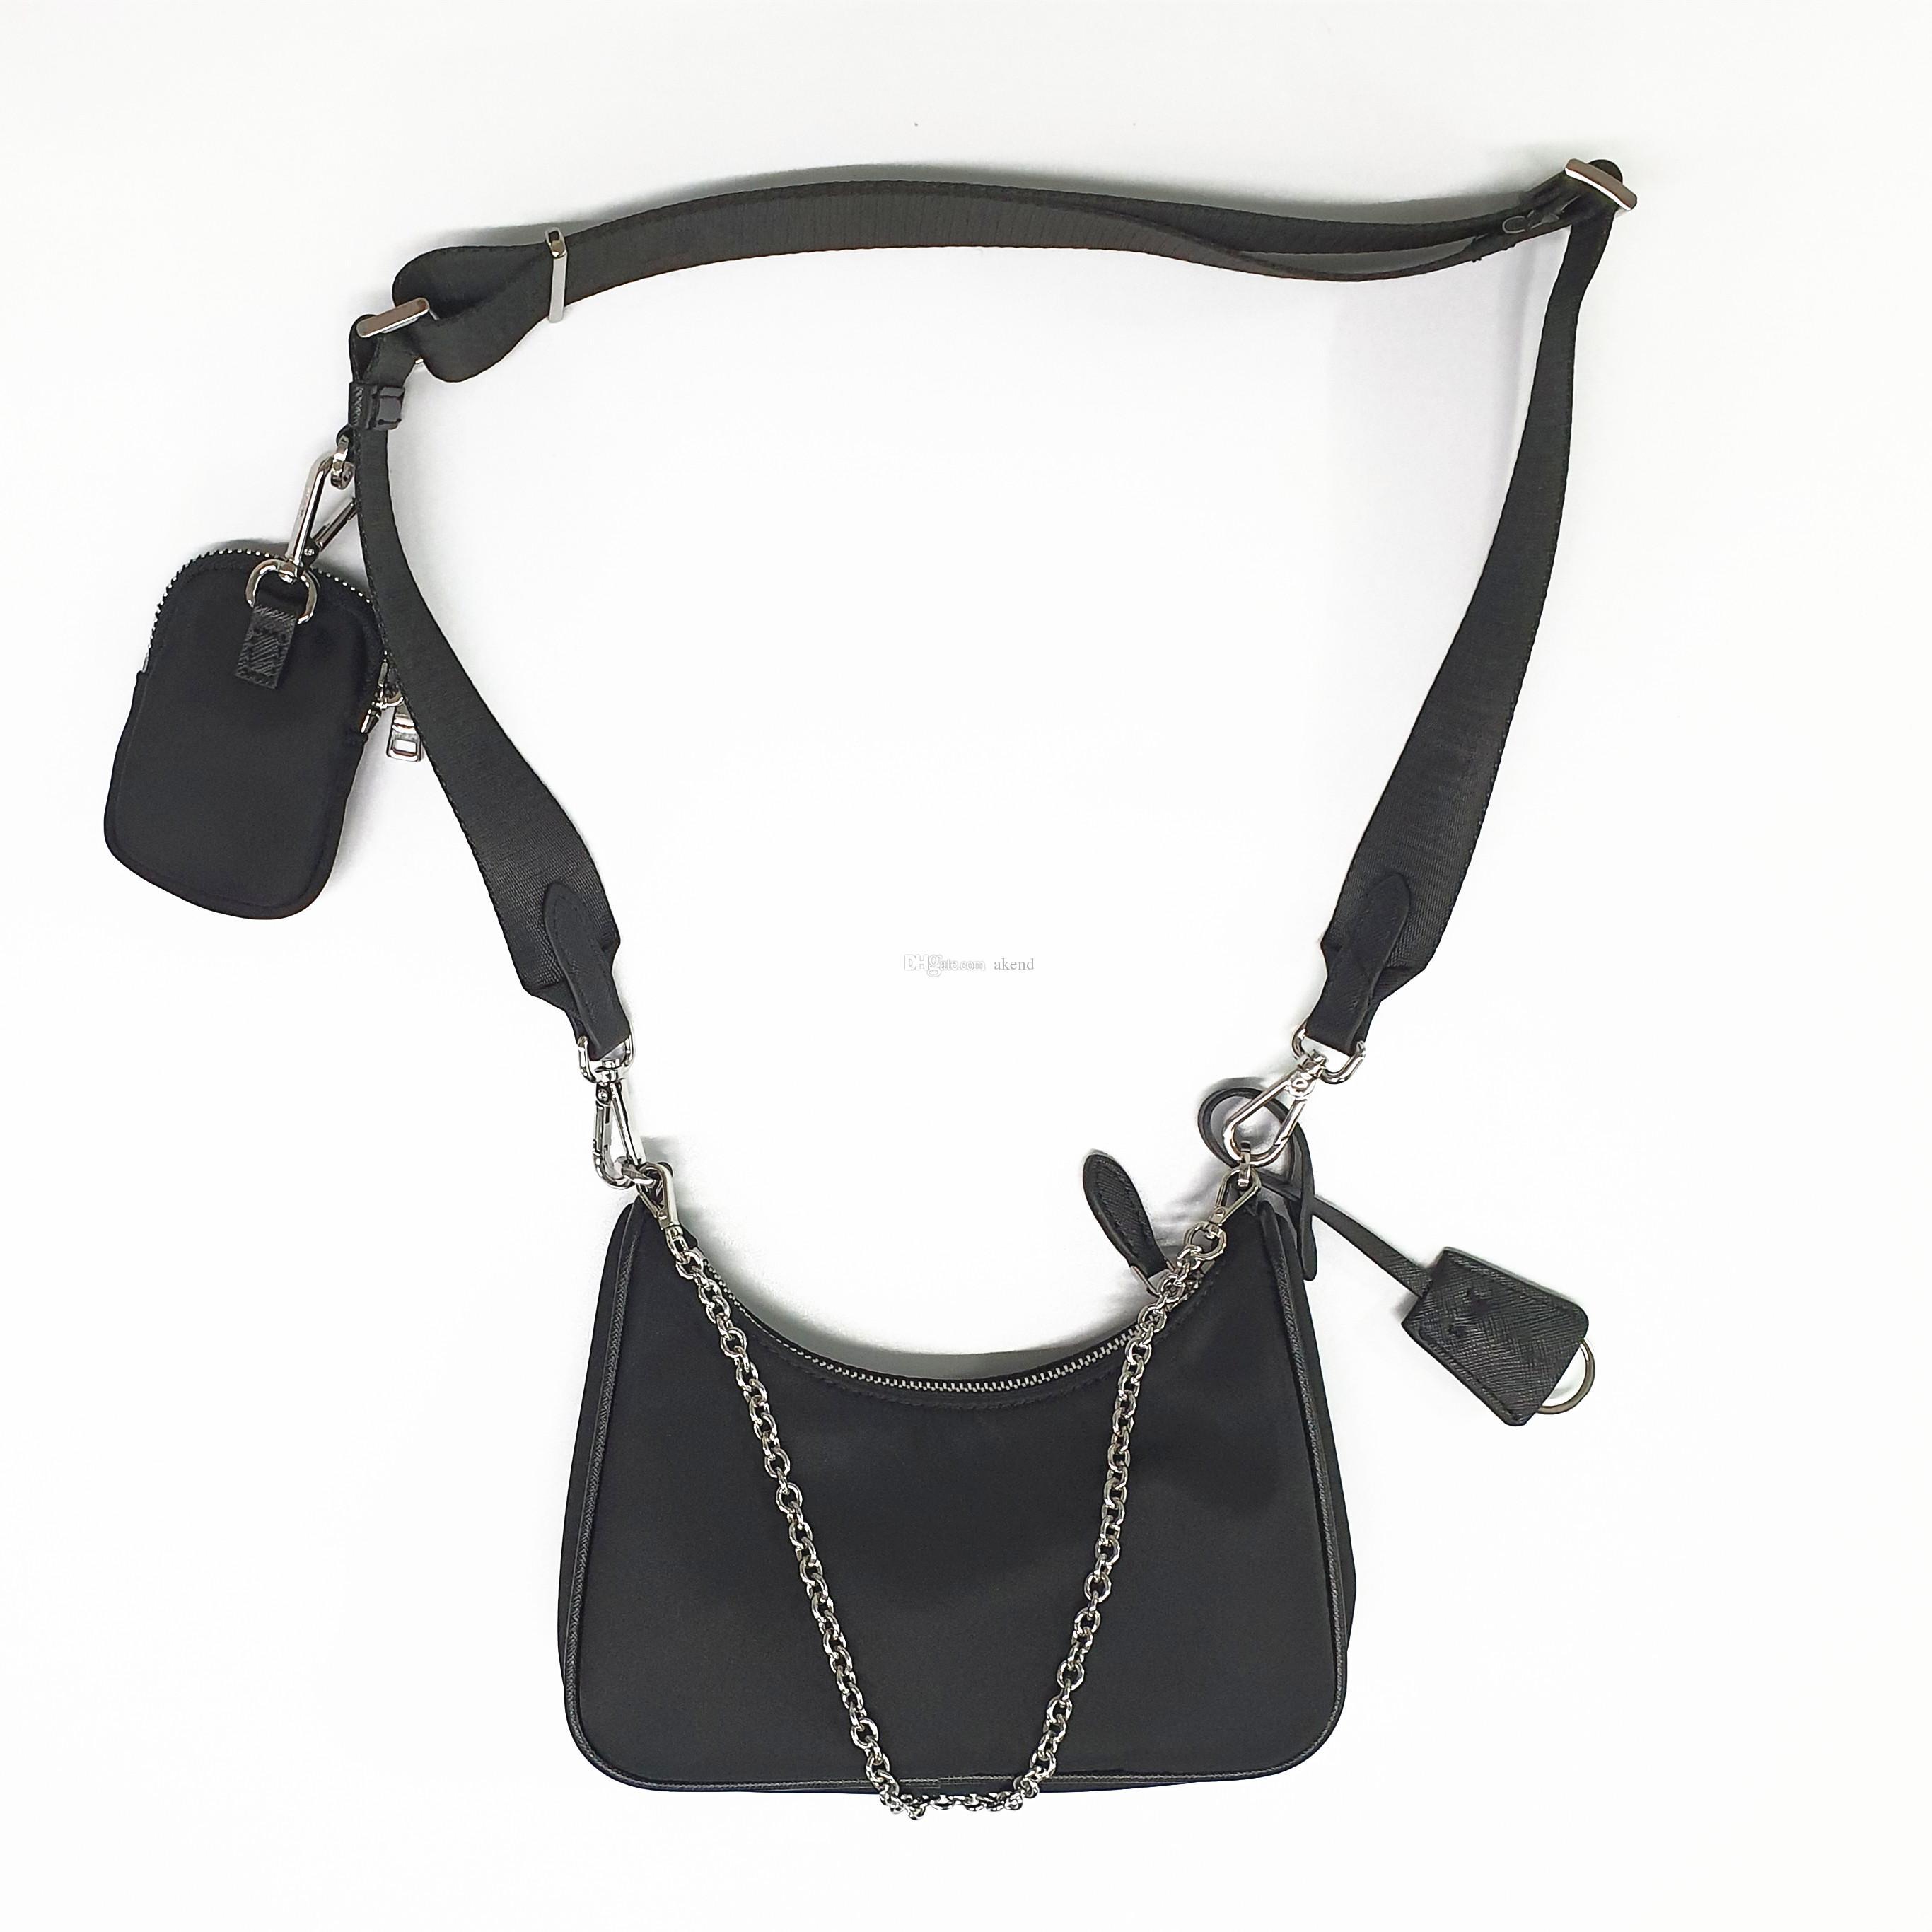 kadınlar omuz Çapraz Vücut çantası Göğüs paketi bayan Bez zincirleri çanta presbiyopik çanta haberci çanta tuval için 2020 Satış 3 parçalı set çanta